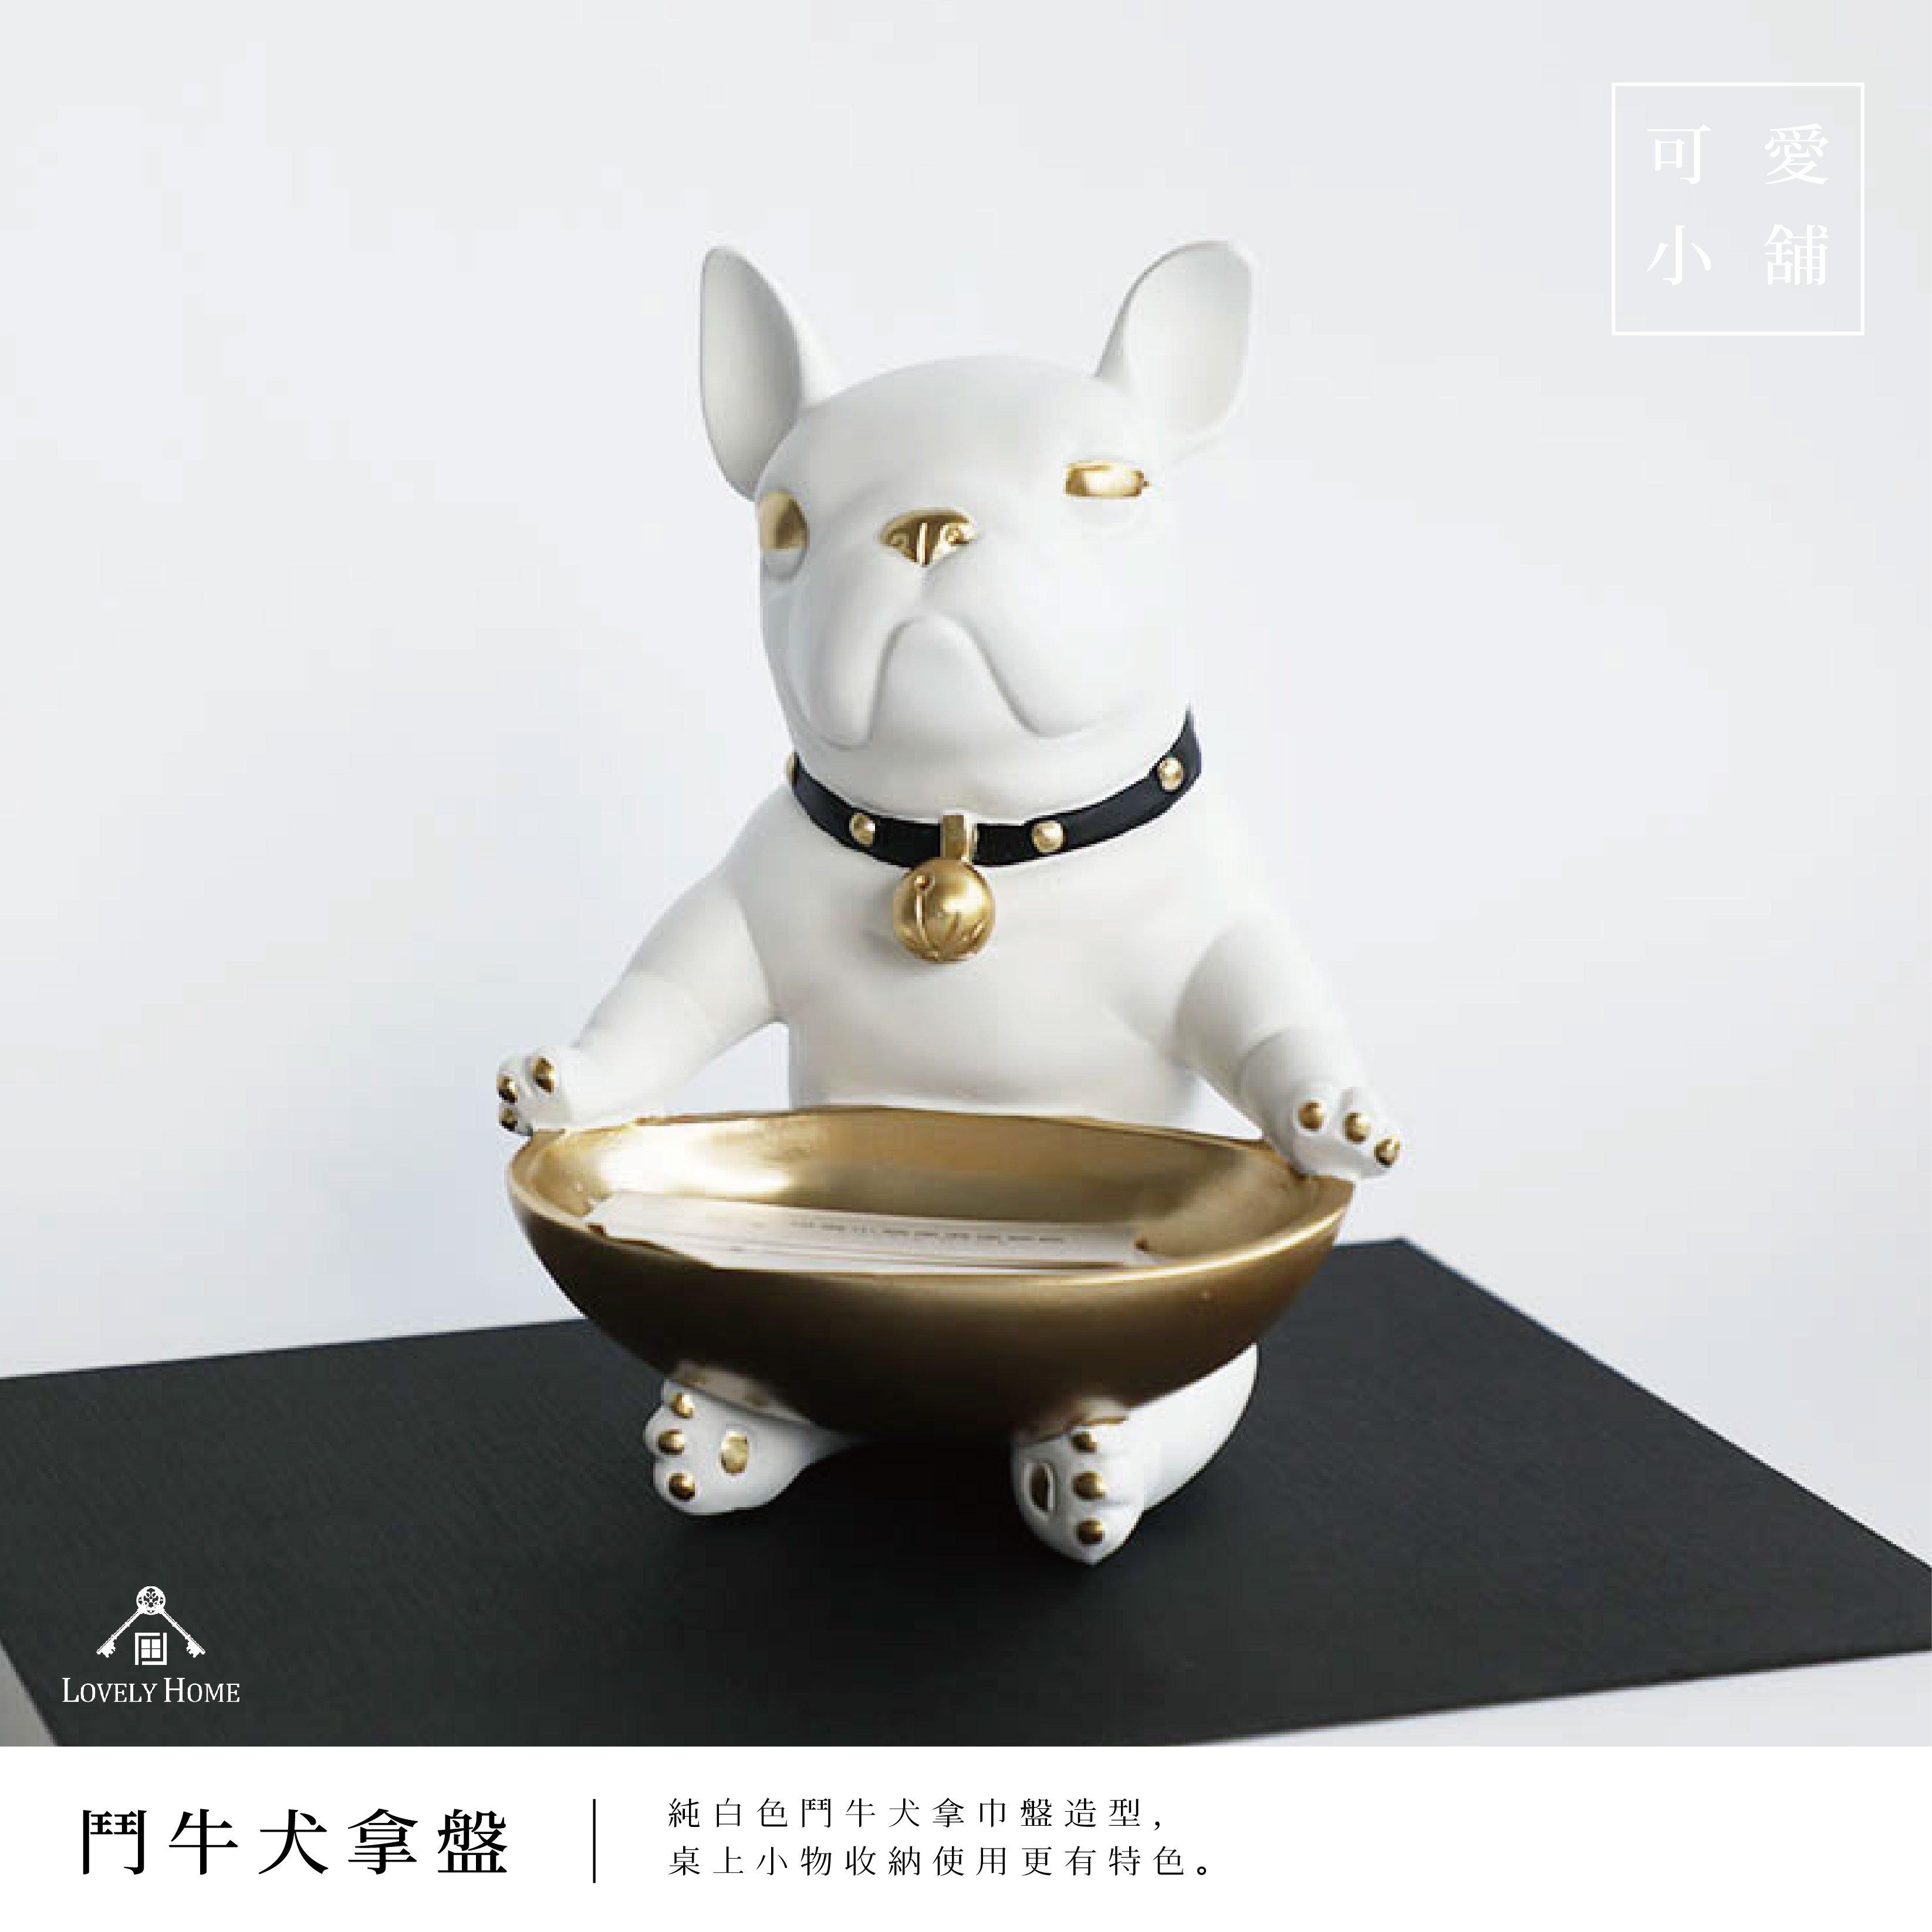 (台中 可愛小舖)白色 鬥牛犬 拿盤 金盤 動物 零錢 飾品 收納盆 桌上 收納 擺飾 波麗